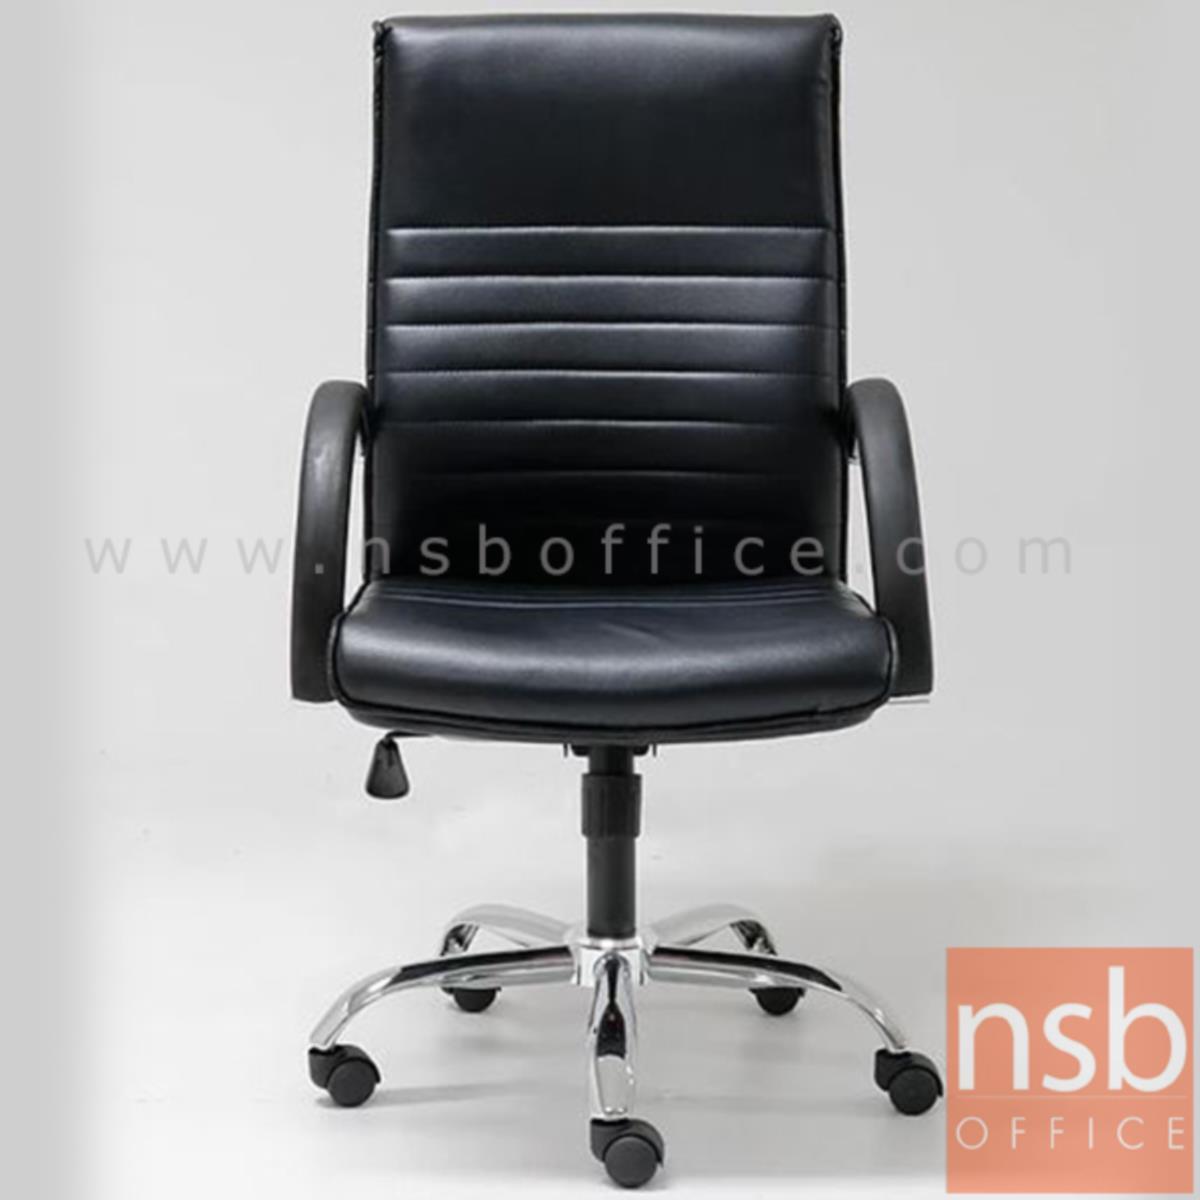 เก้าอี้ผู้บริหาร รุ่น Birchard (เบอร์ชาร์ด)  โช๊คแก๊ส มีก้อนโยก ขาเหล็กชุบโครเมี่ยม